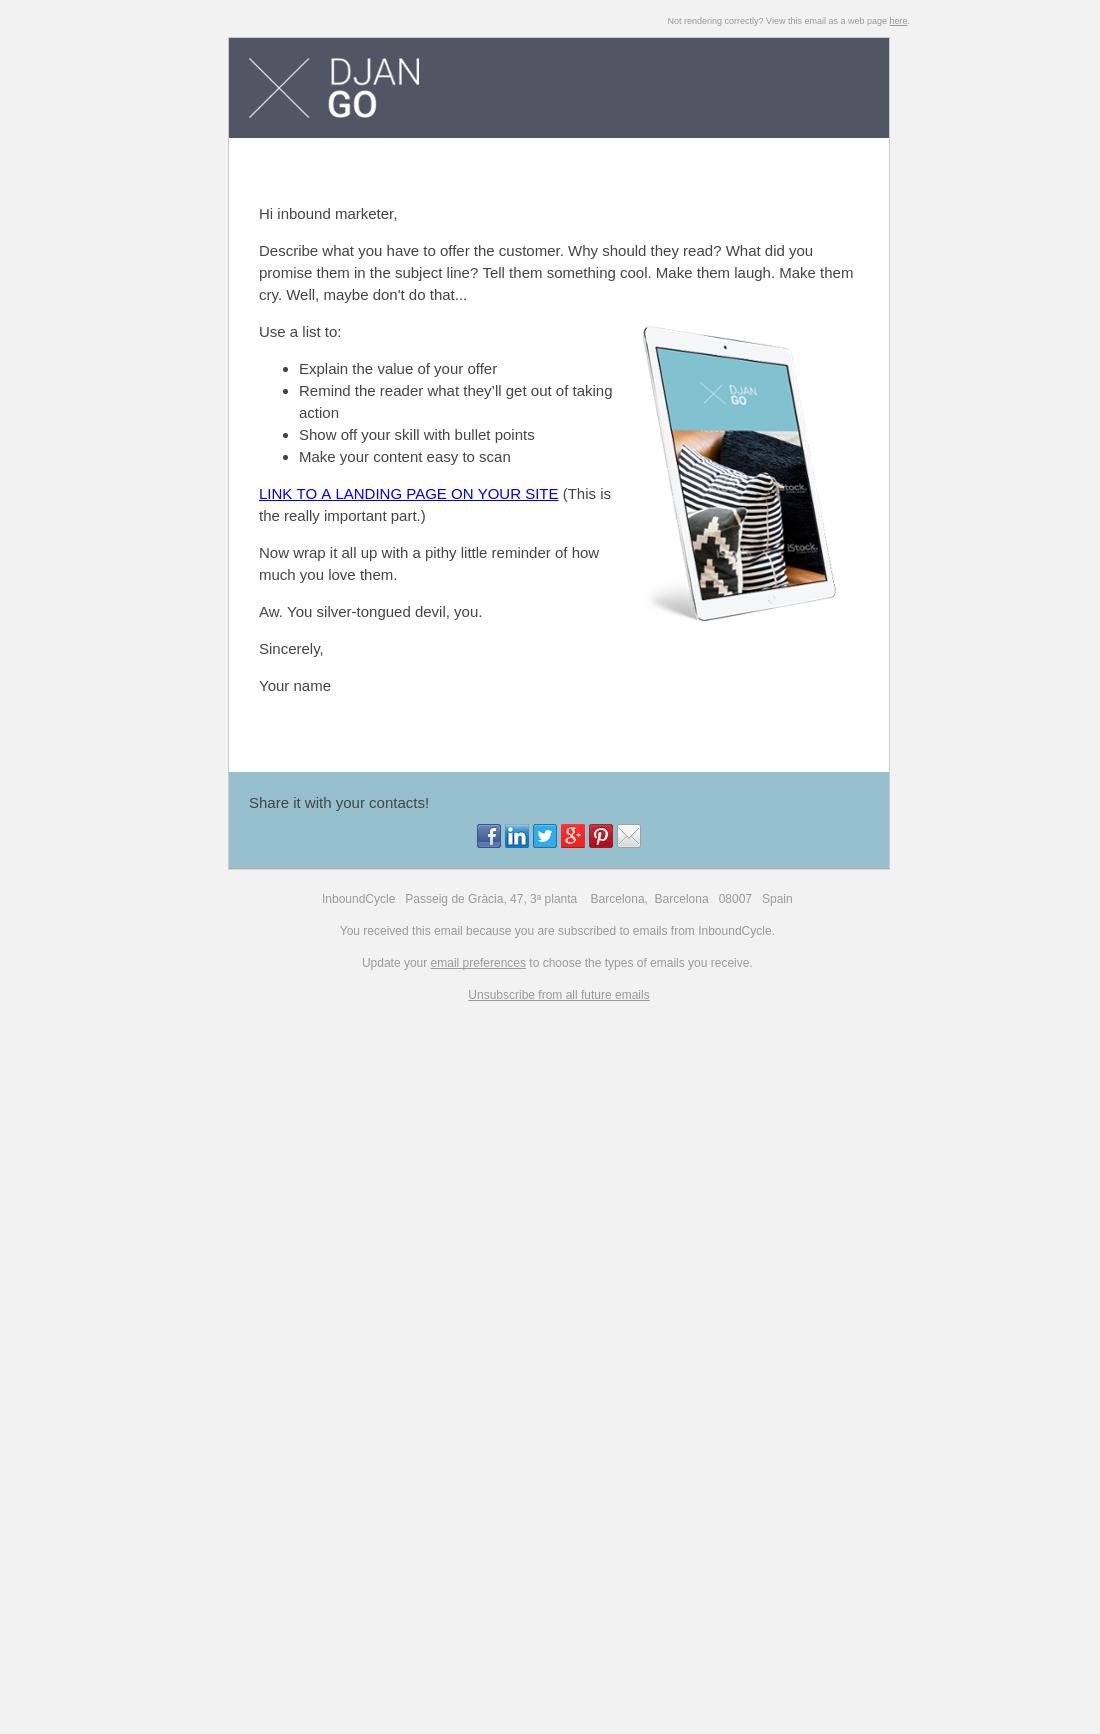 DjanGo - Email Basic | HubSpot